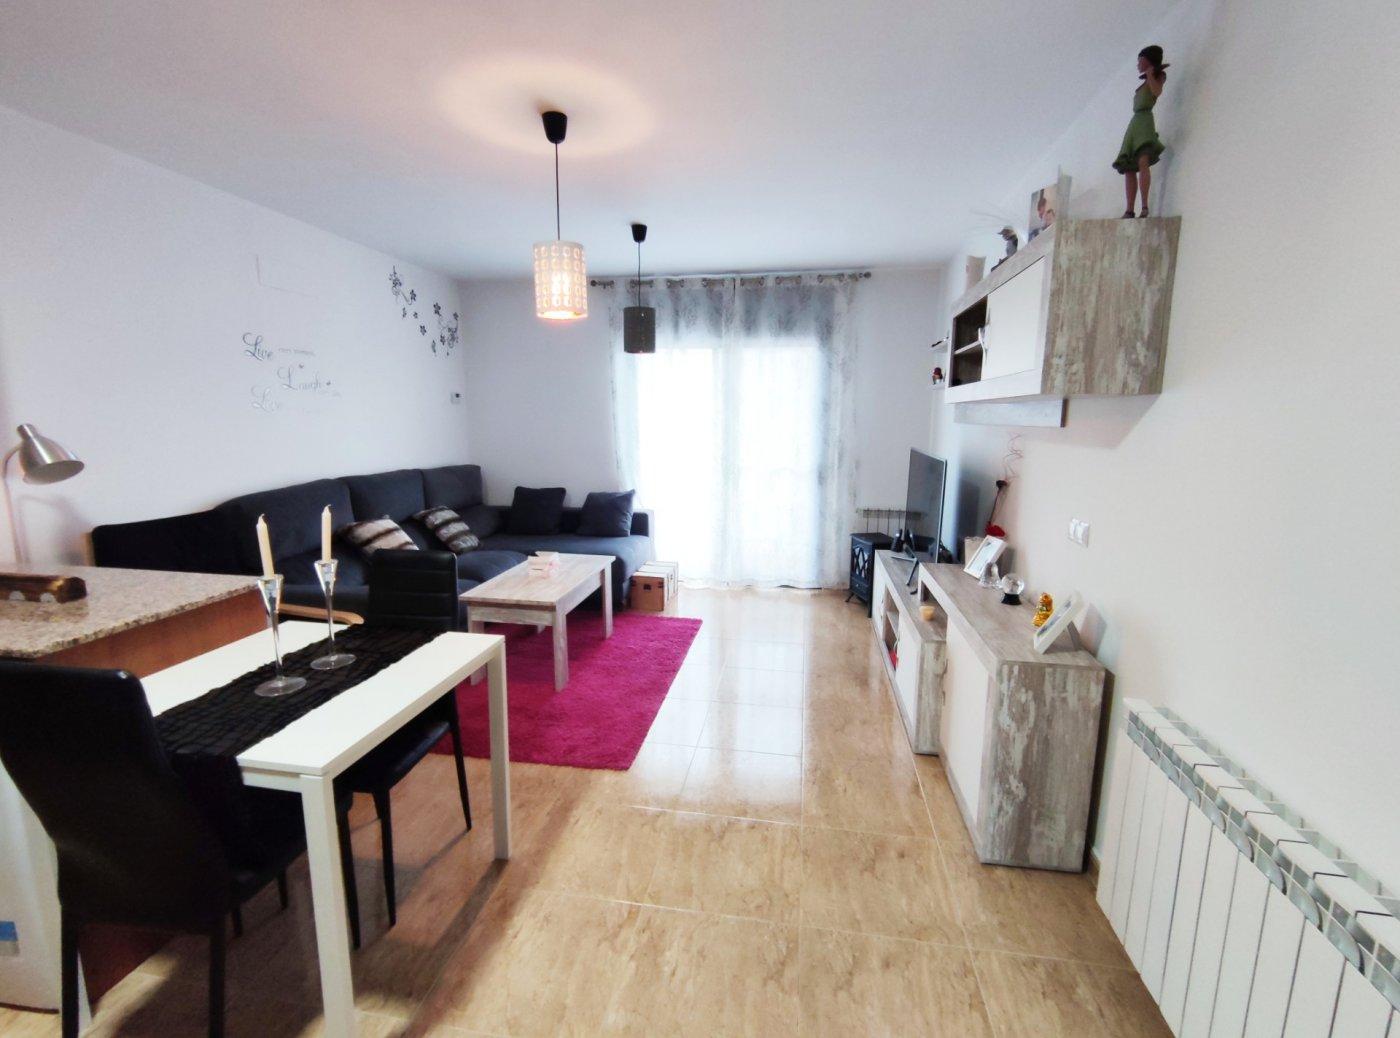 piso seminuevo en venta de dos habitaciones con parking y trastero en sant vicenÇ de castellet.